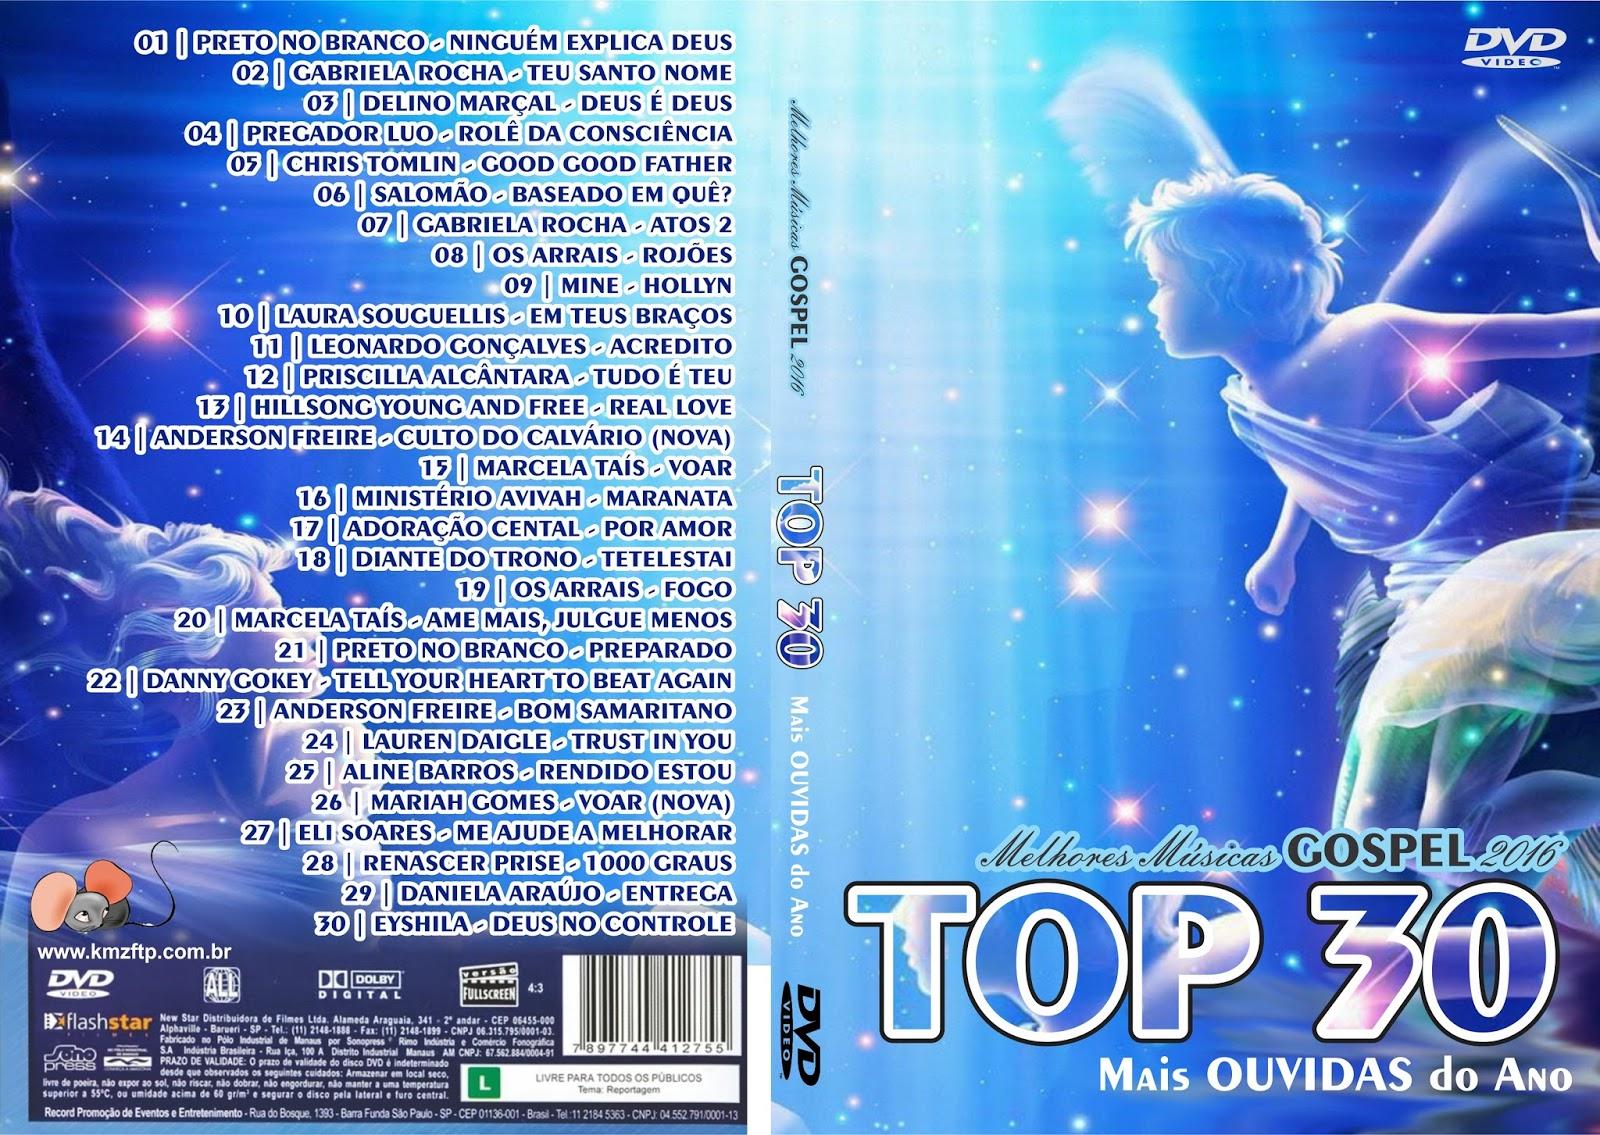 Download TOP 30 Melhores Músicas Gospel 2016 DVD-R TOP 30 Melhores M 25C3 25BAsicas GOSPEL 2016 Mais OUVIDAS do Ano